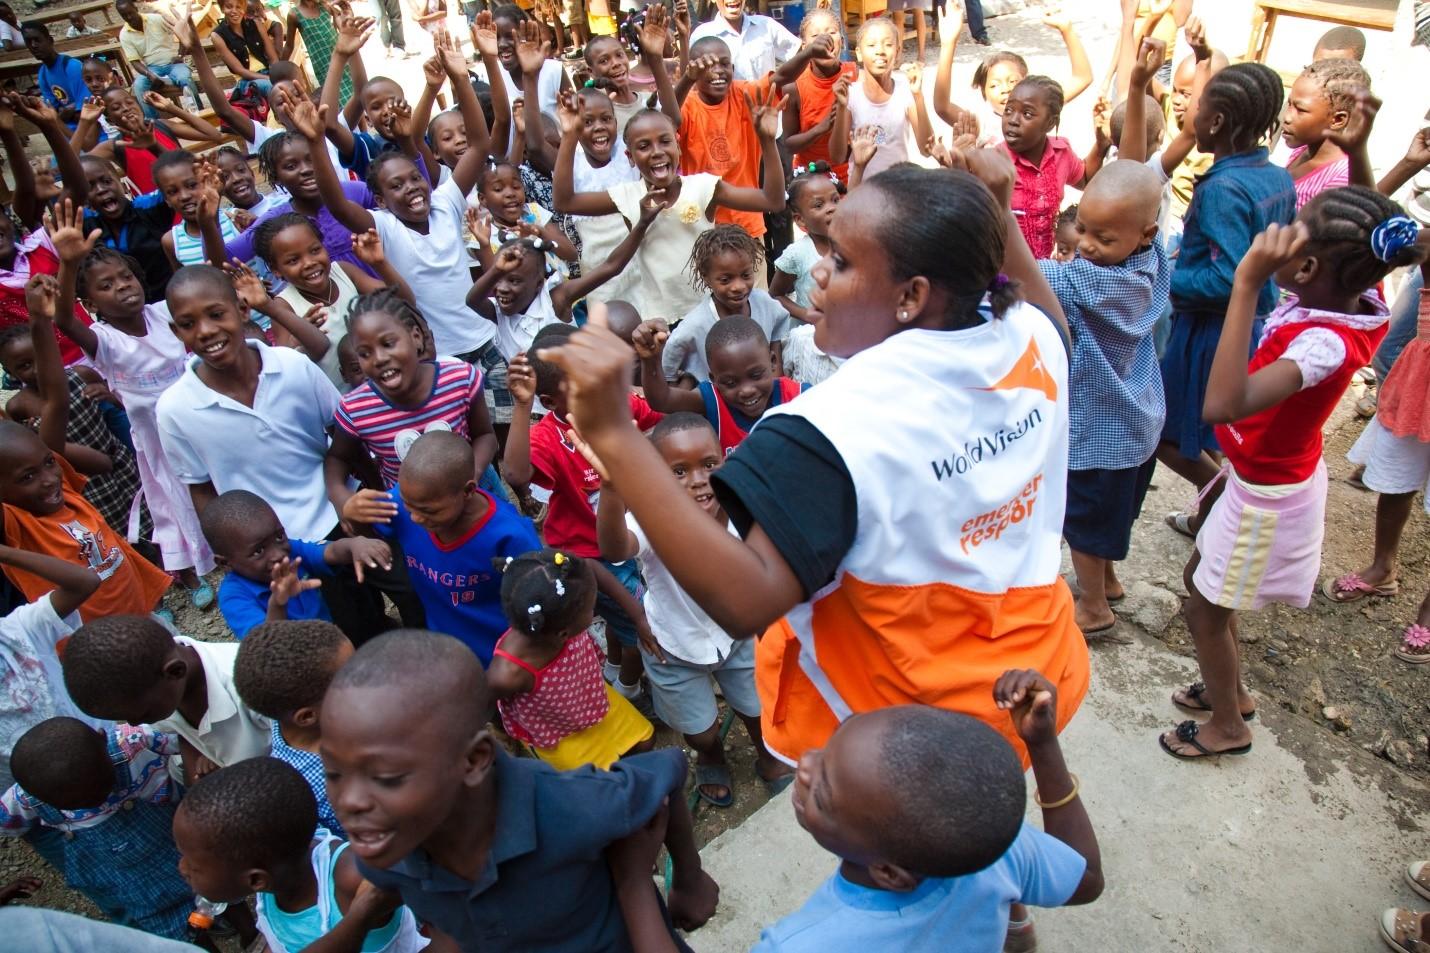 L'ex-directeur en Haïti a reconnu le recours aux prostituées — Scandale Oxfam